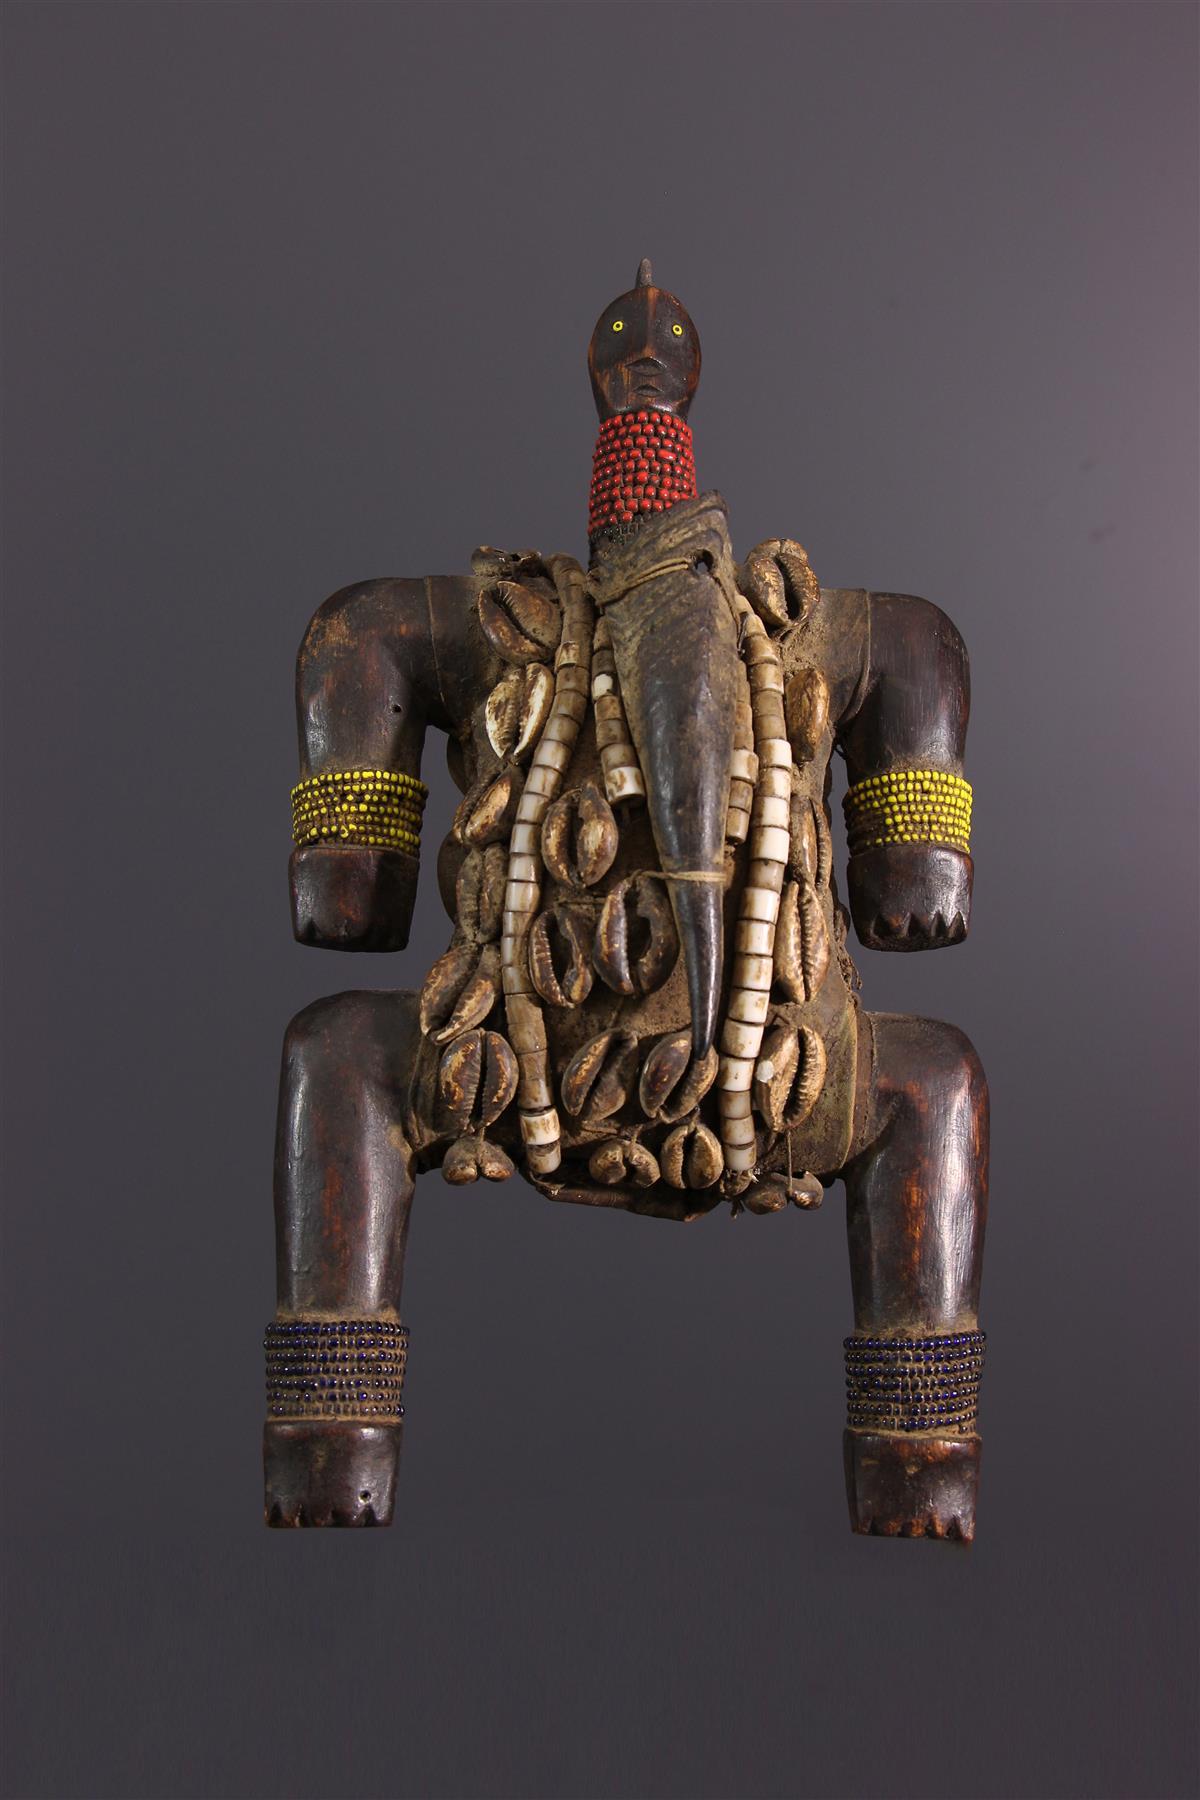 Namji Fetish - African art